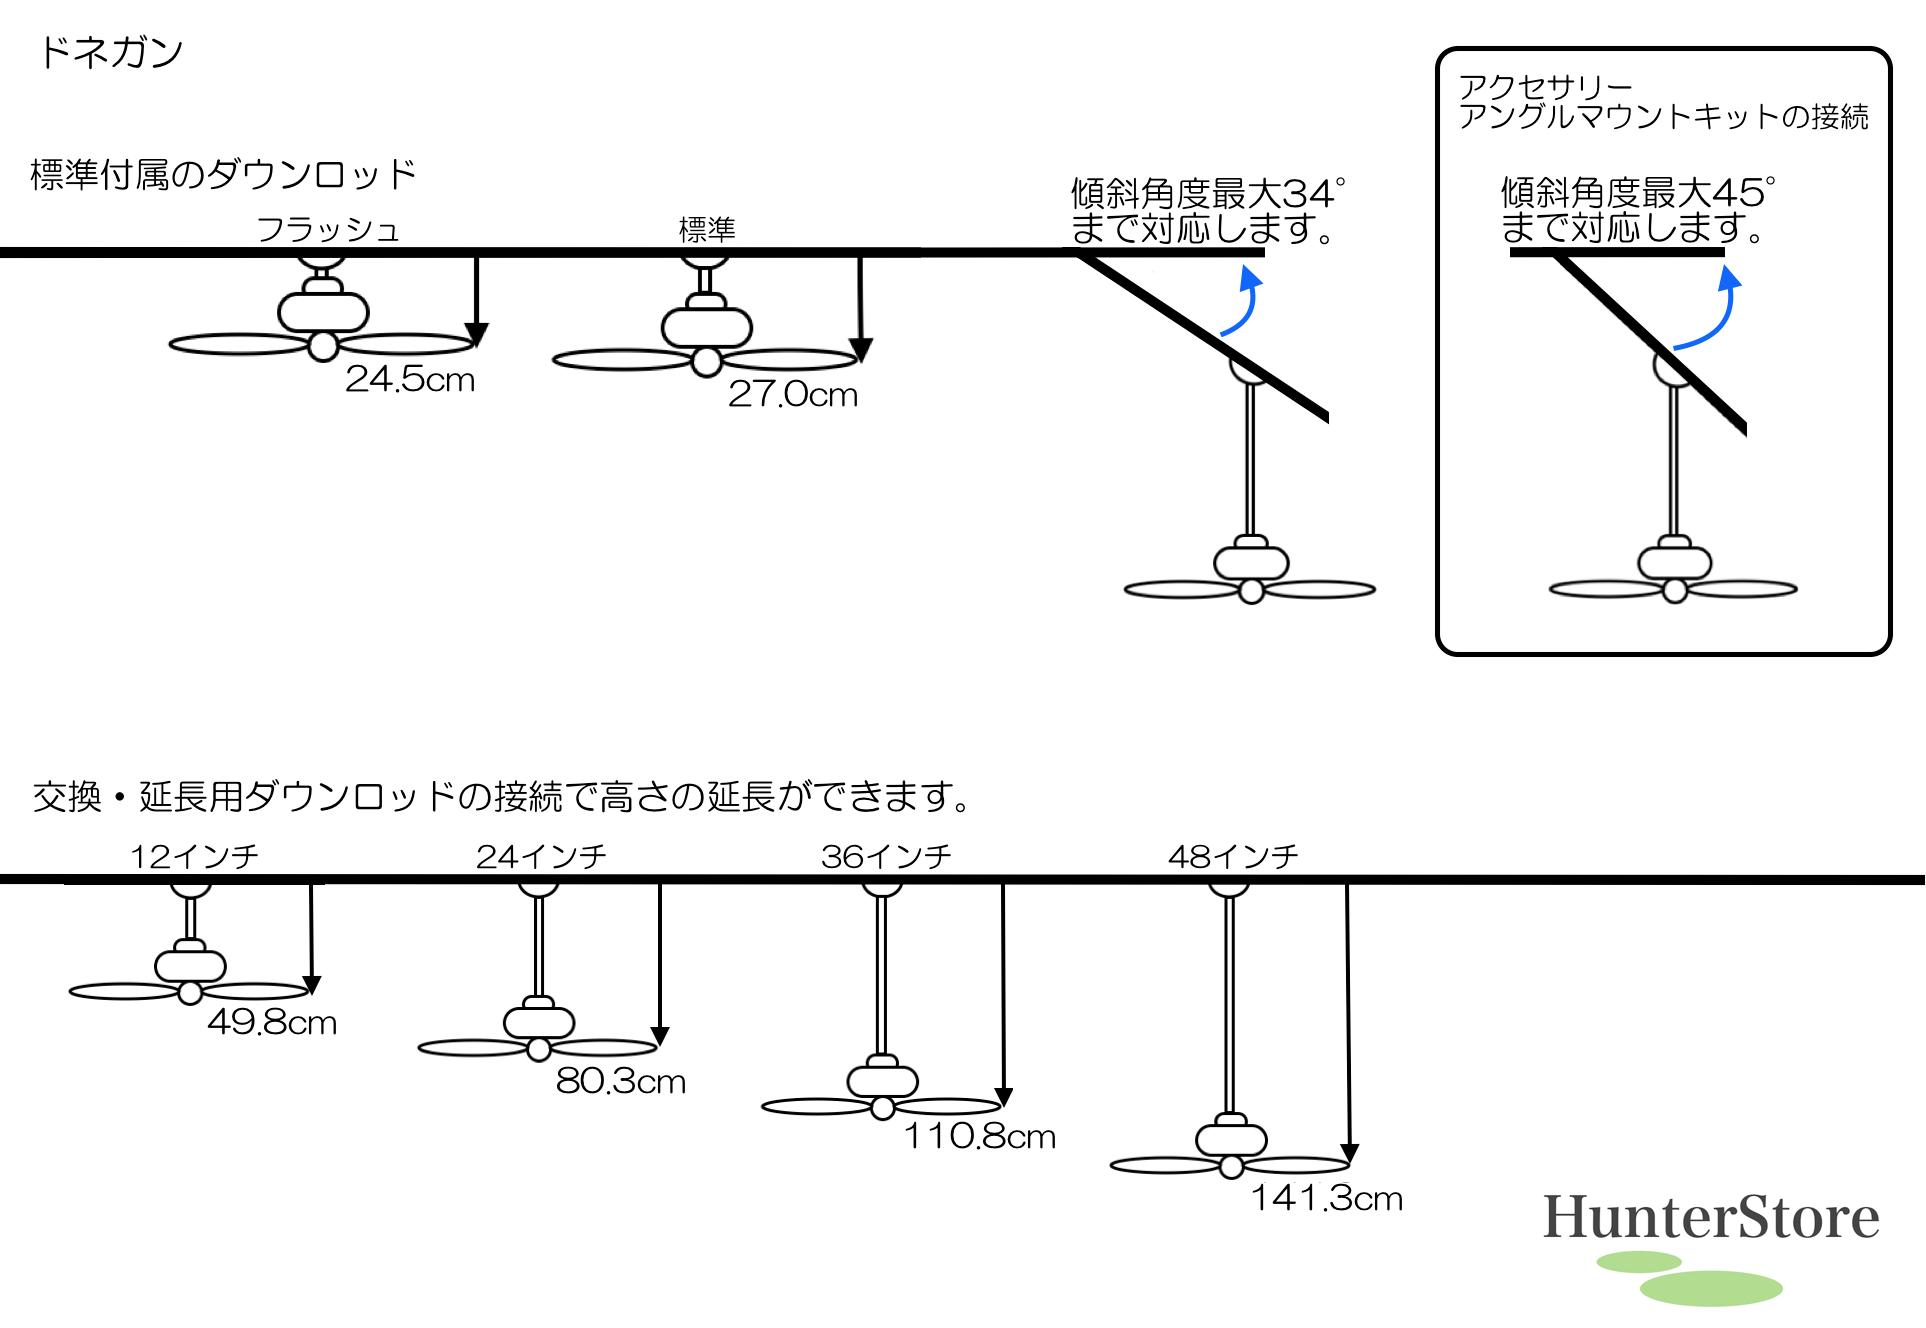 ドネガン 照明キット付【壁コントローラ・48㌅122cmダウンロッド付】 - 画像2